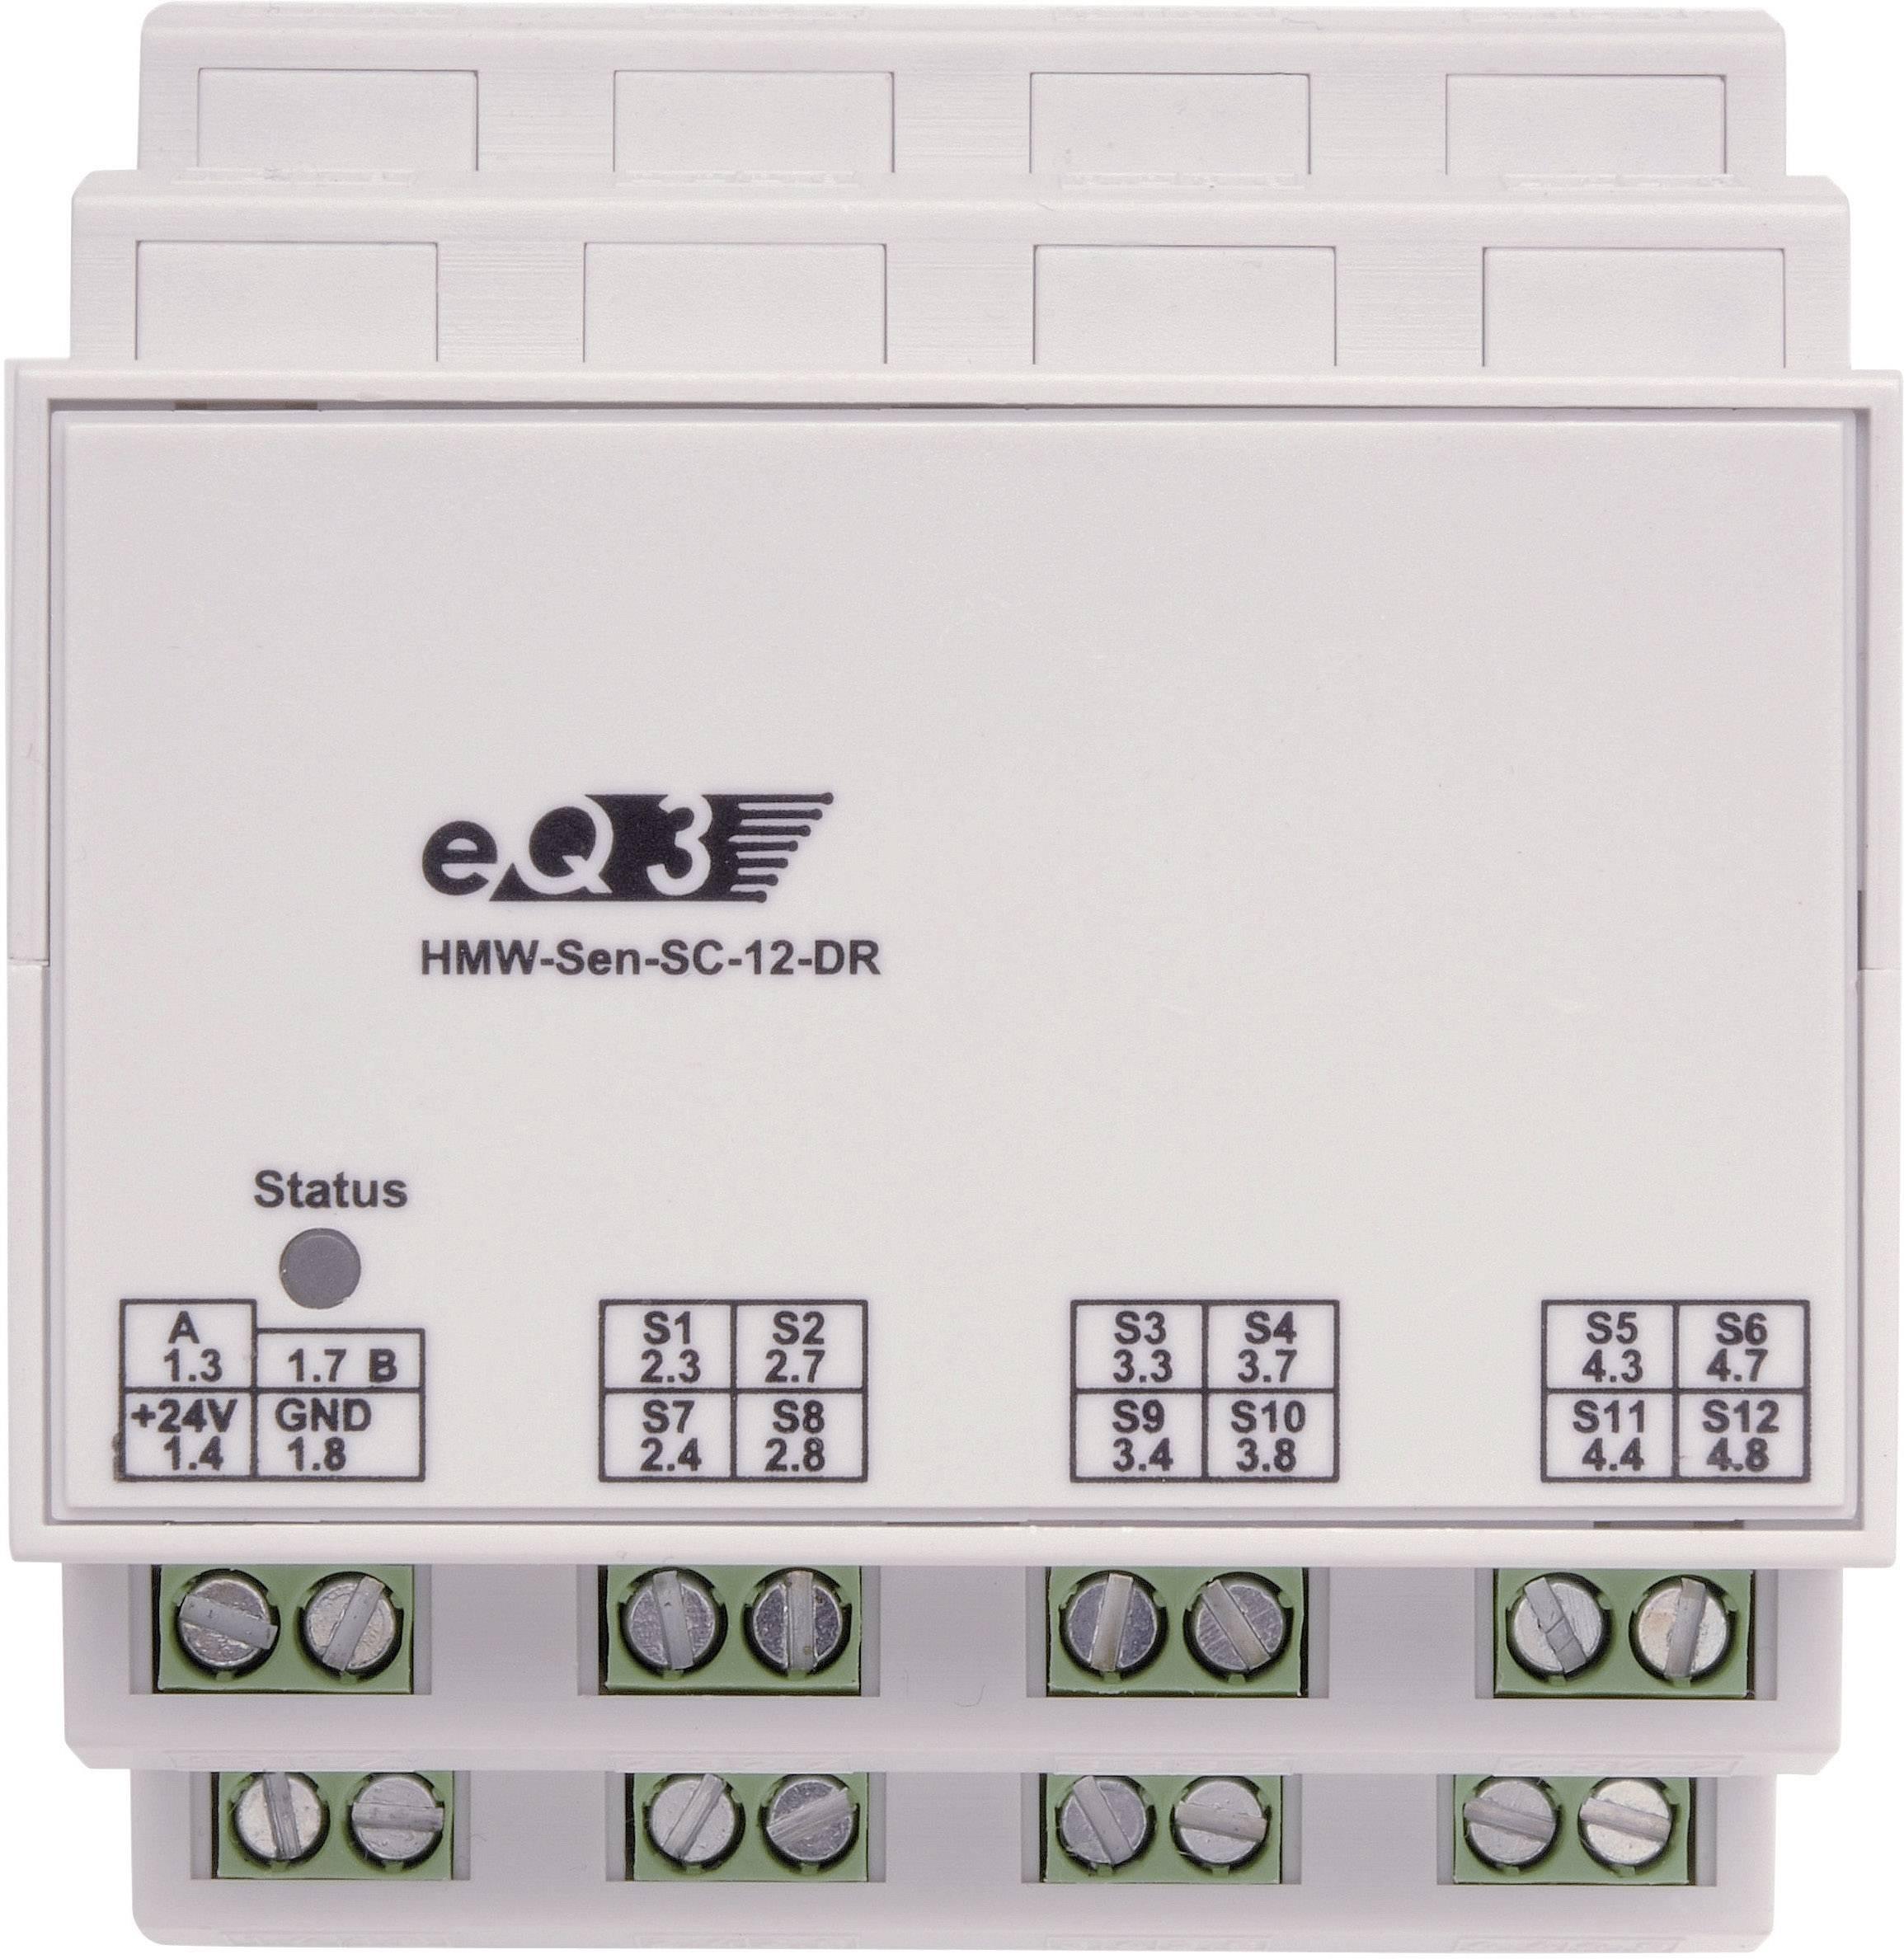 Spínací modul RS485 na DIN lištu HomeMatic HMW-Sen-SC-12-DR, 12 kanálov